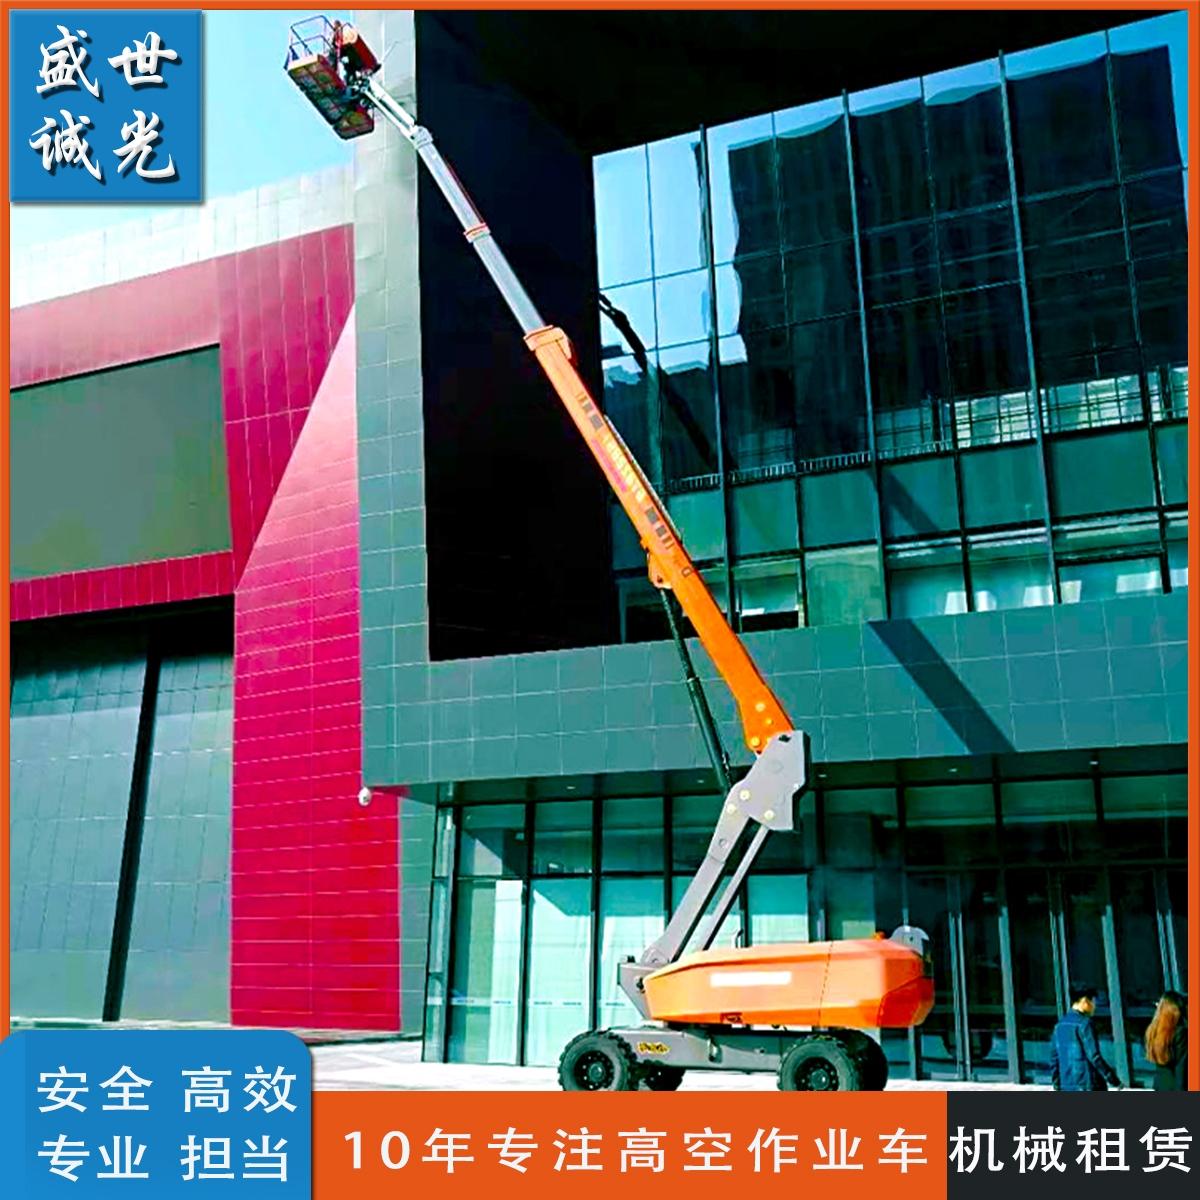 北京崇文區曲臂式高空作業車出租售后有保障